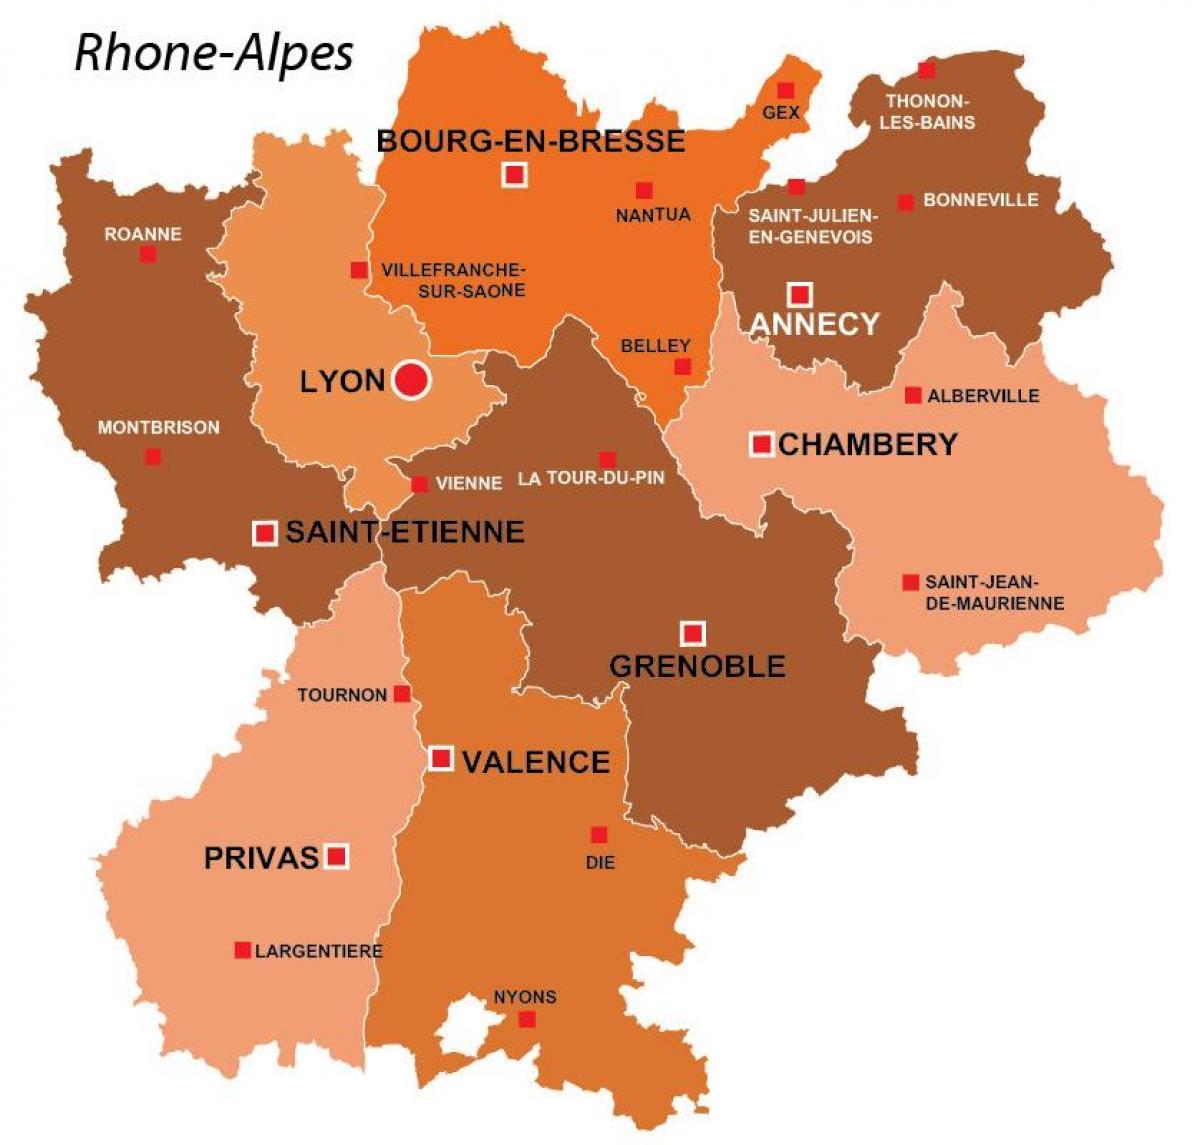 Lyon Karte Der Region Lyon Region Karte Von Frankreich Auvergne